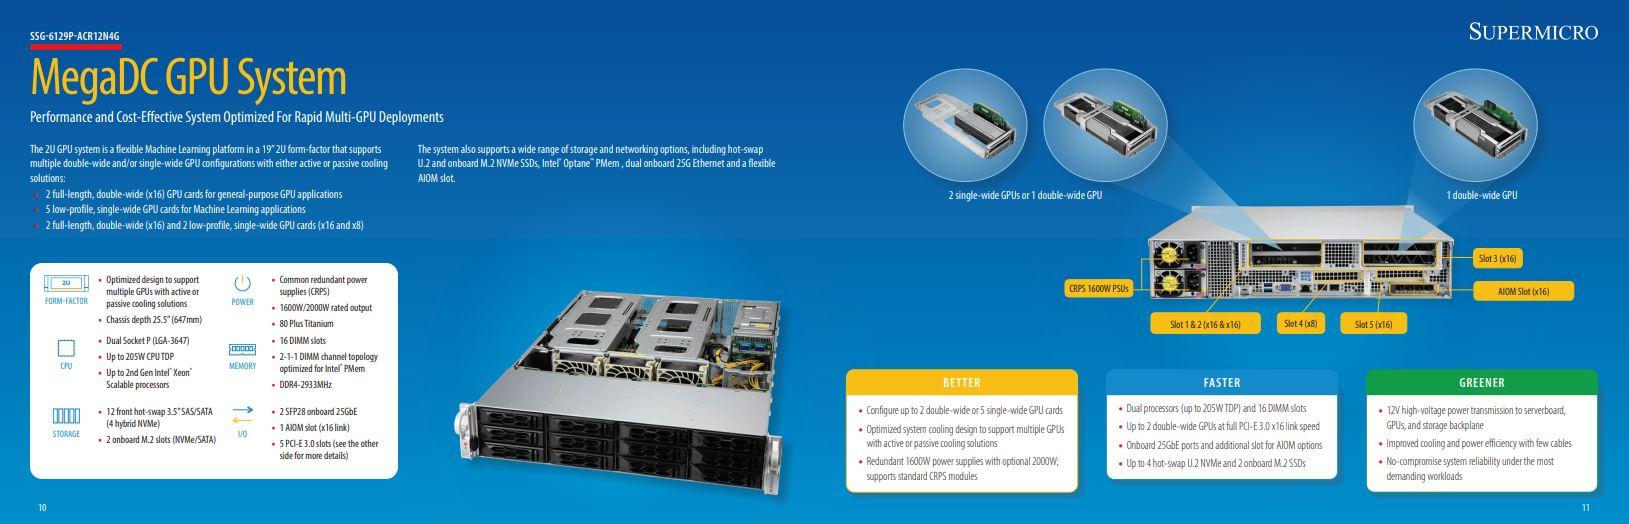 Supermicro MegaDC Launch Models